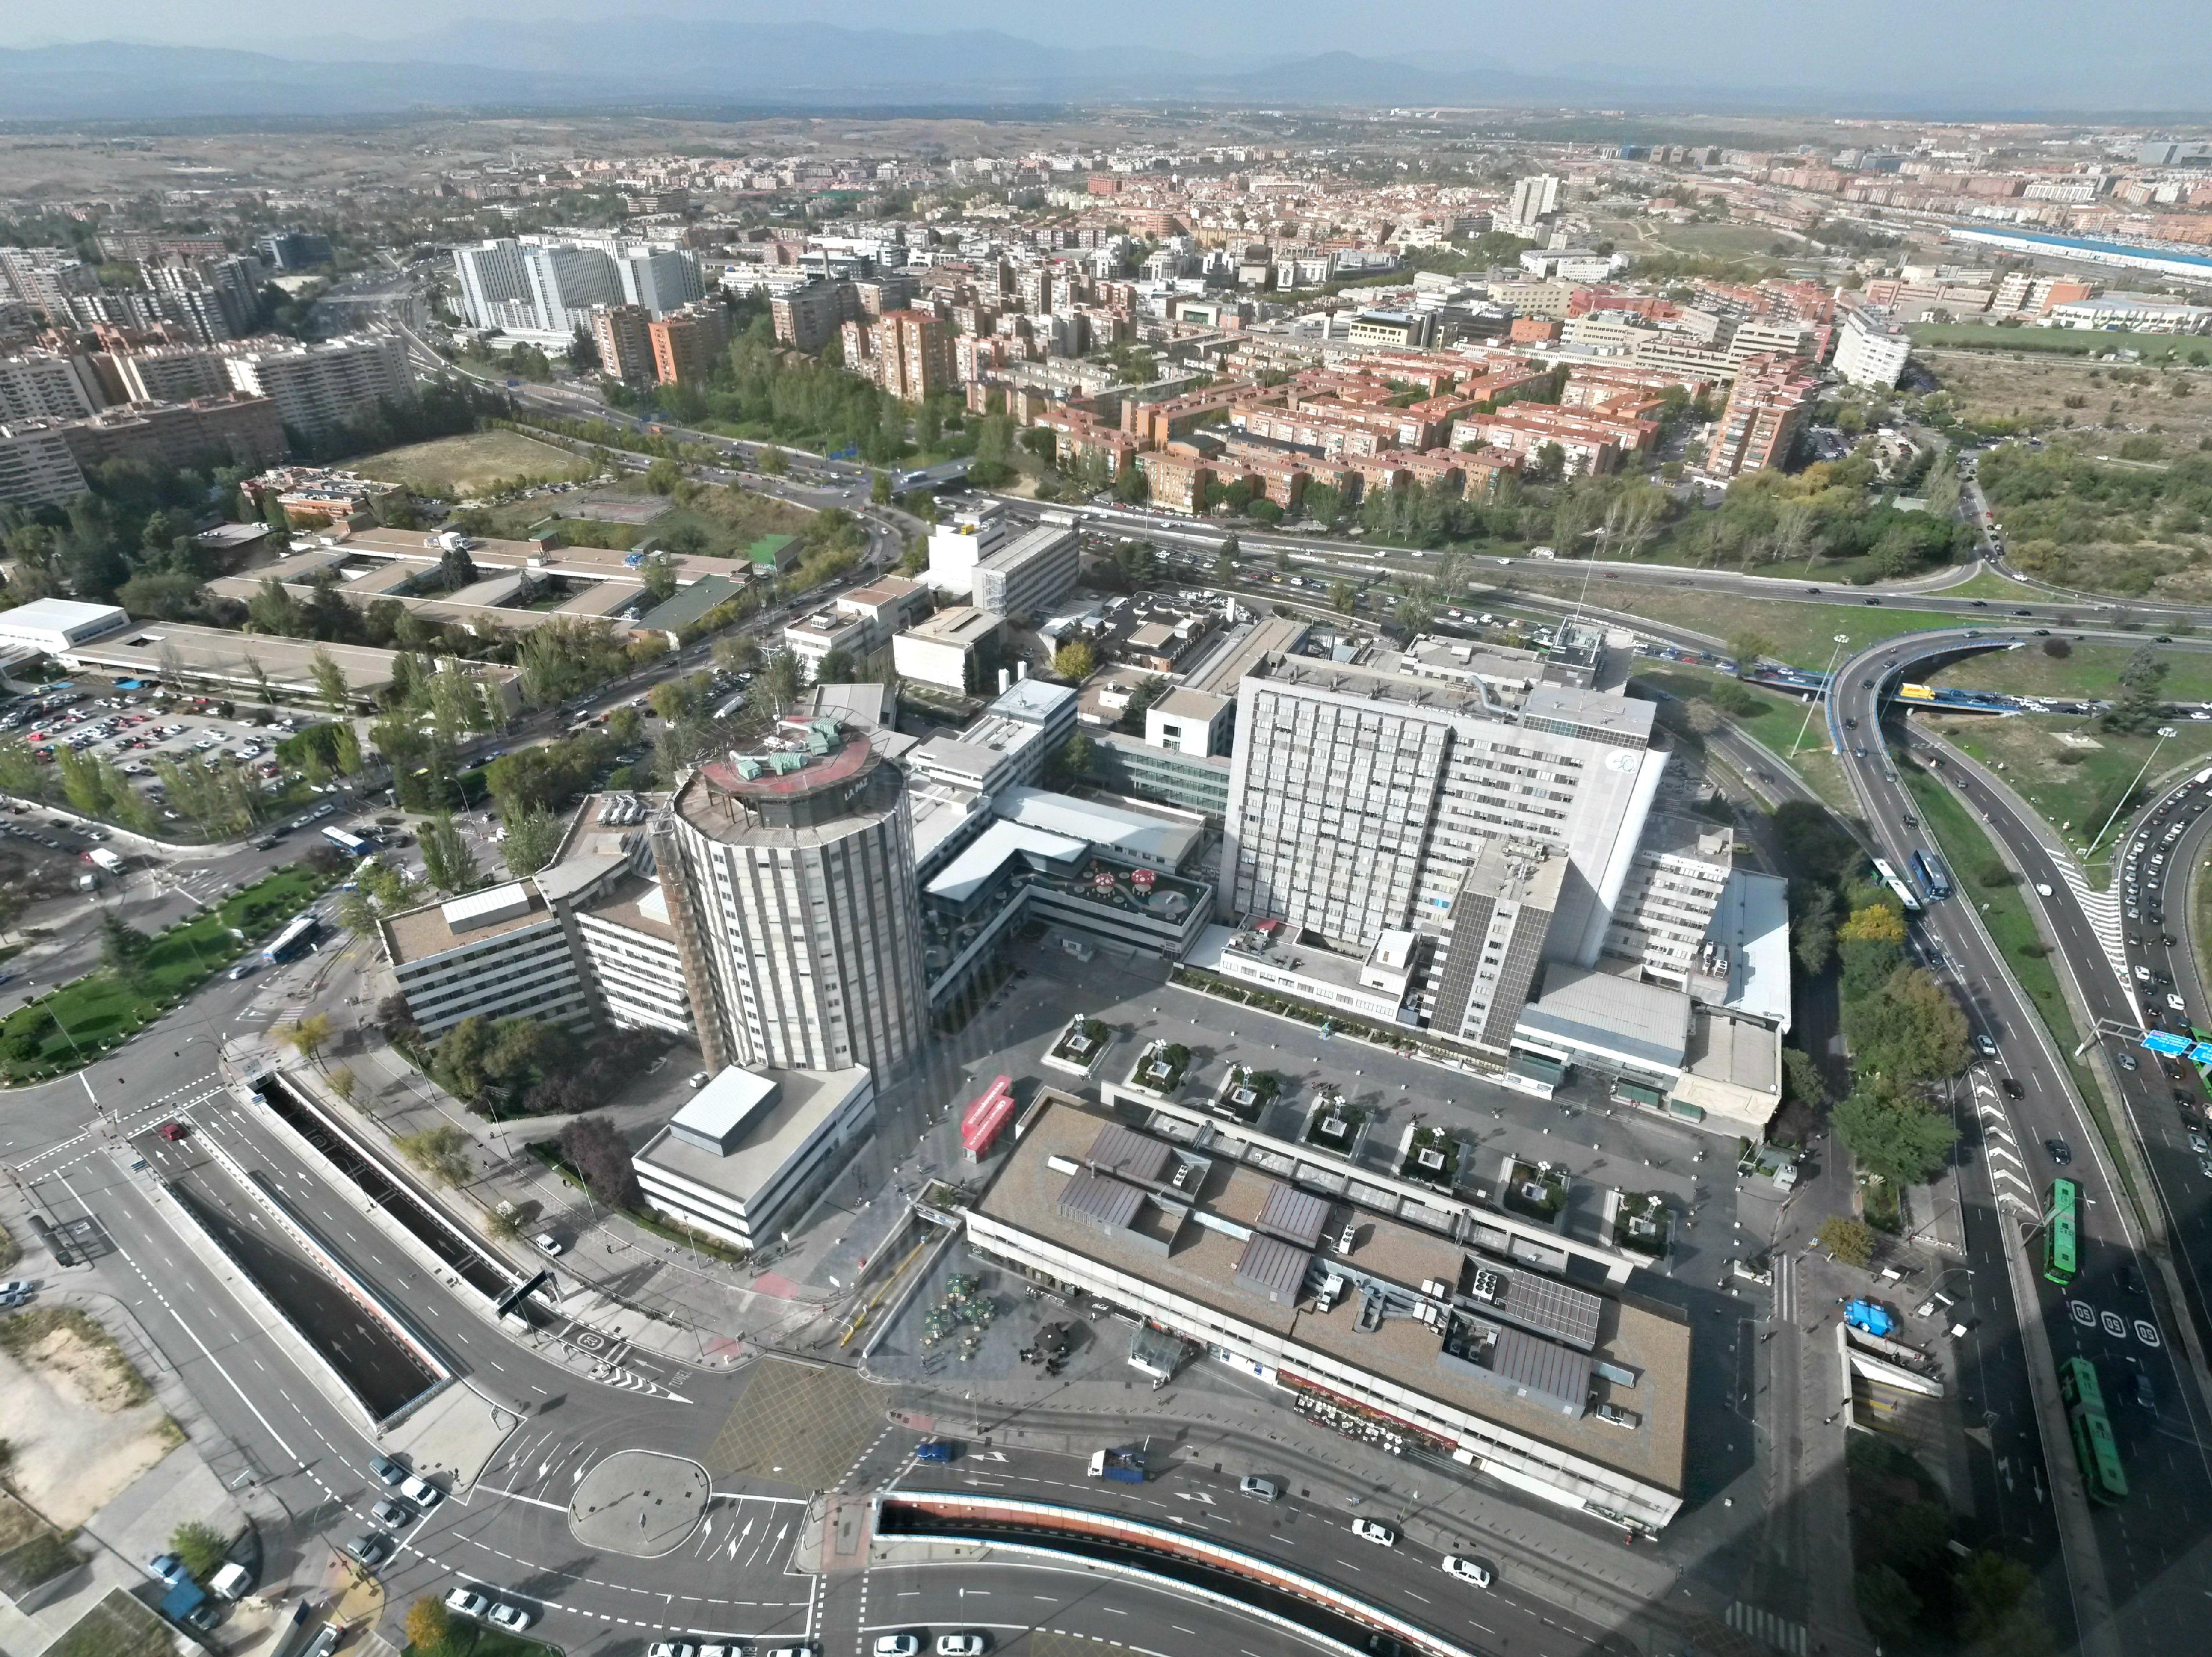 Archivo hospital universitario la paz - Hospital universitario de la paz ...